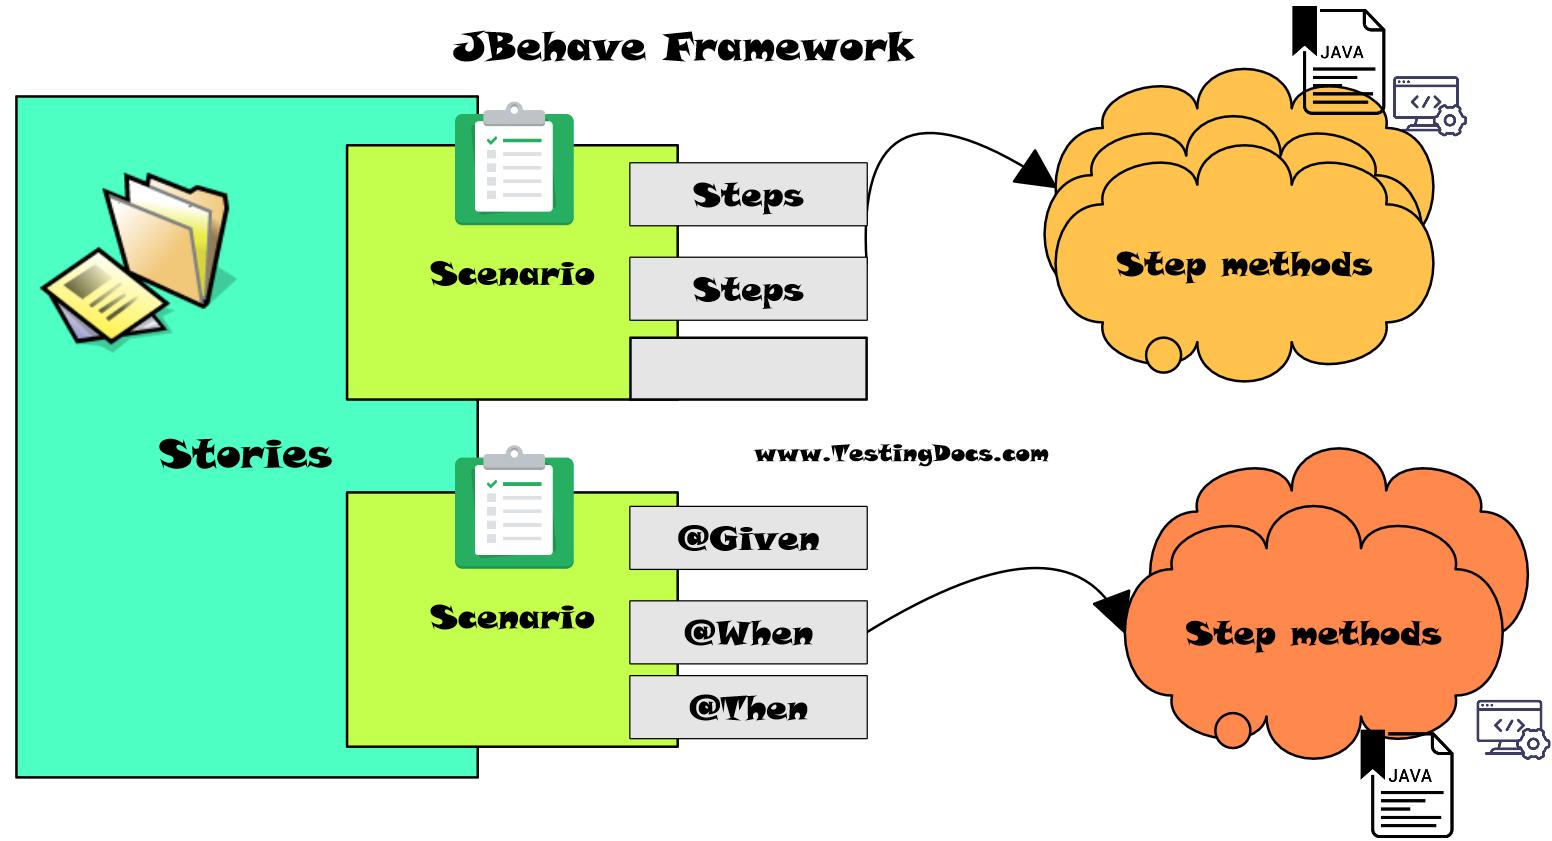 JBehave Framework